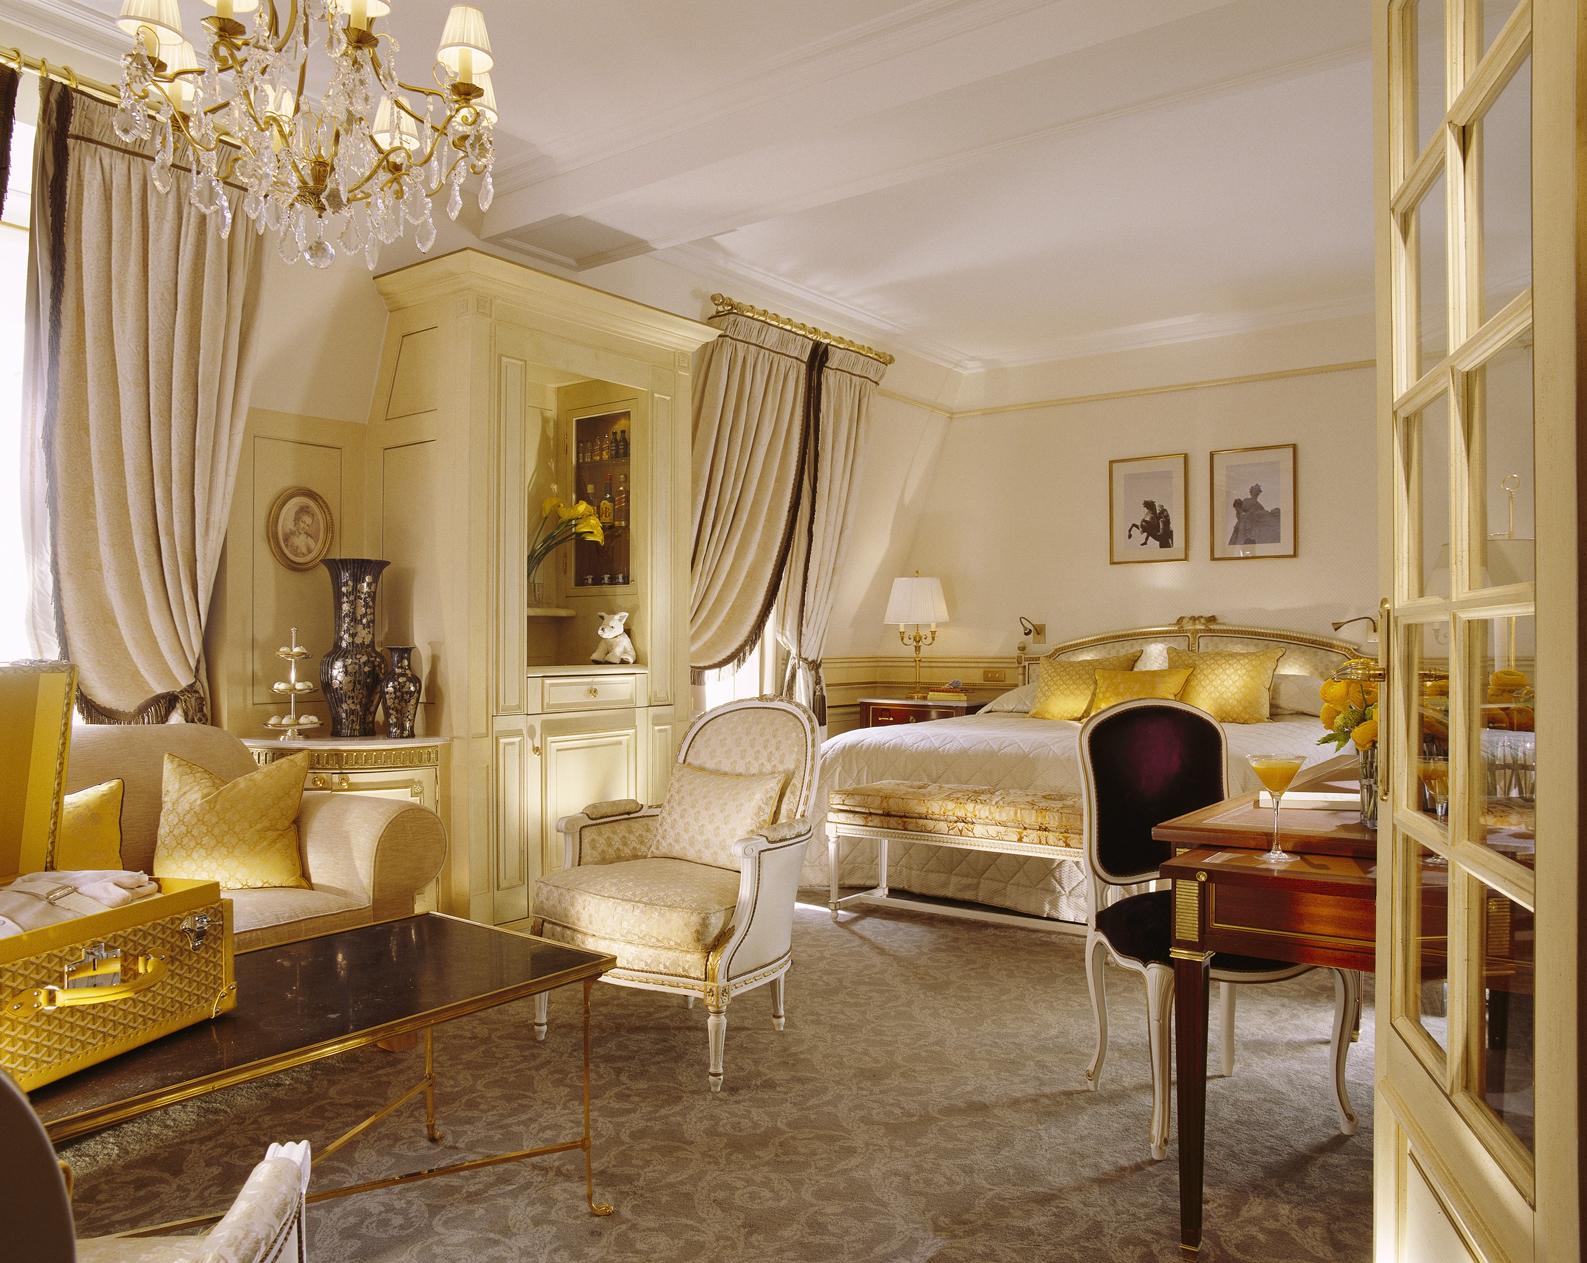 Les Plus Belles Chambres Les Plus Belles Chambres Pour Bbs Elles